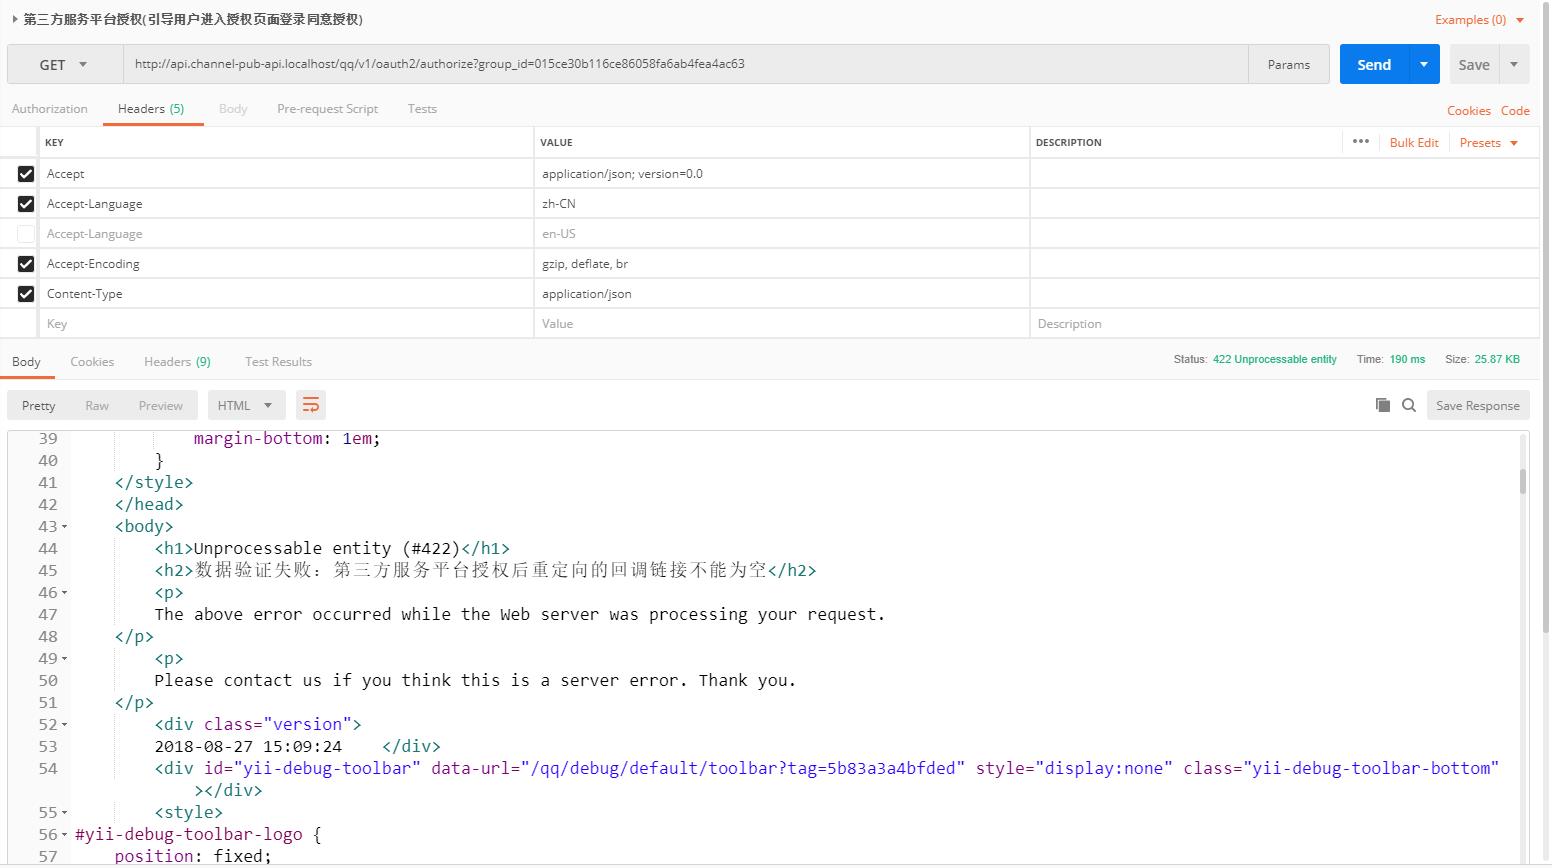 在 Postman 中打开,Accept 的值为:application/json; version=0.0,响应 HTML 格式,符合预期